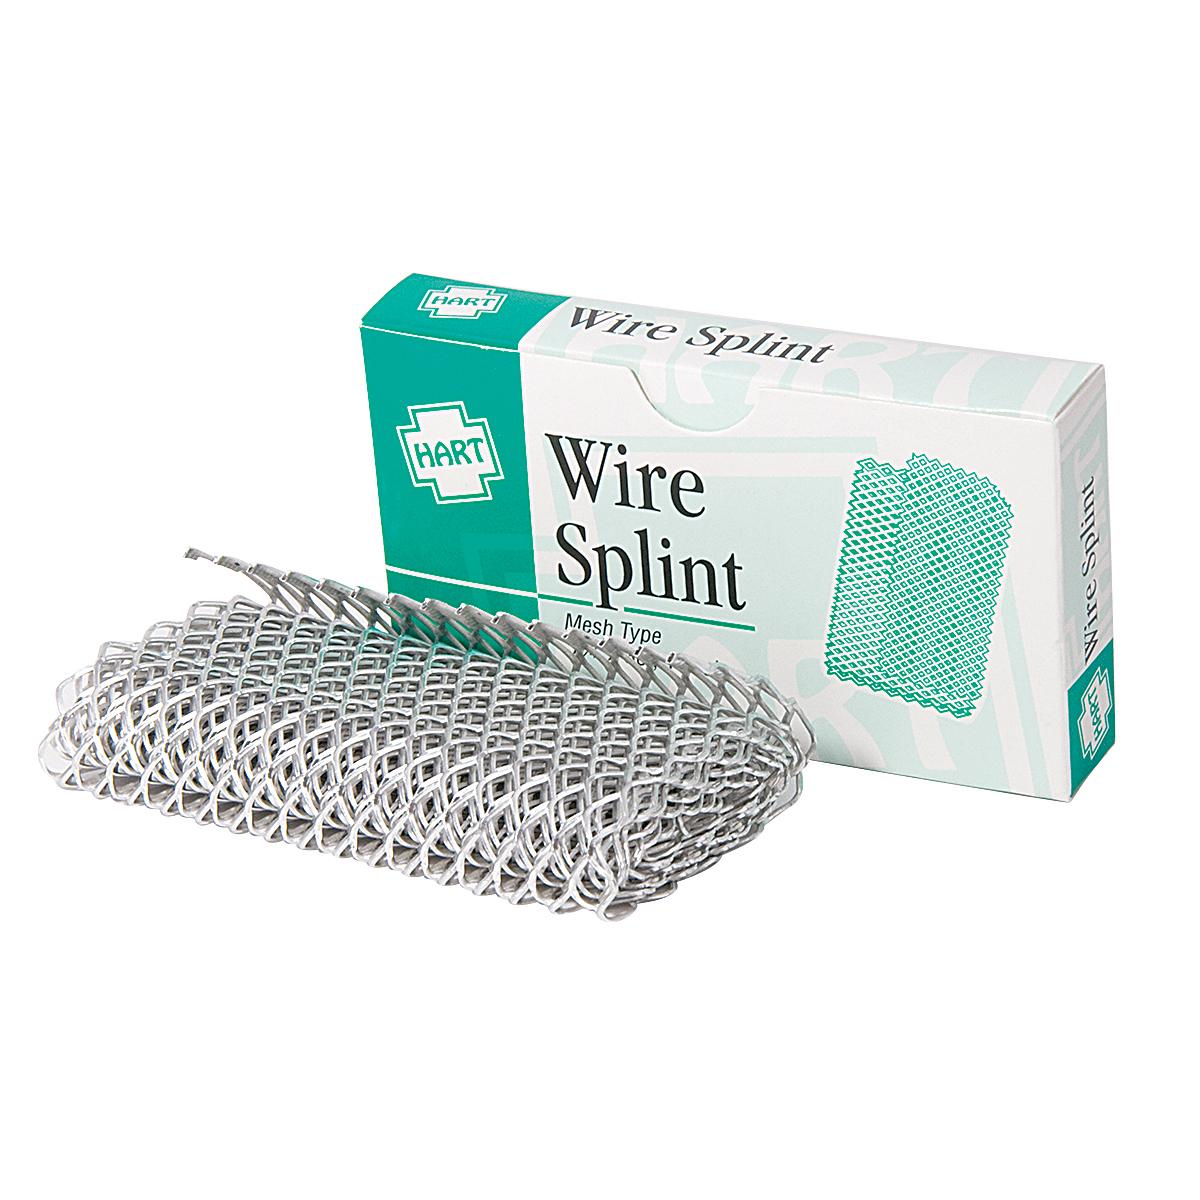 Wire Splint, HART, 1/unit - FIRST AID KITS & REFILLS - NorMed